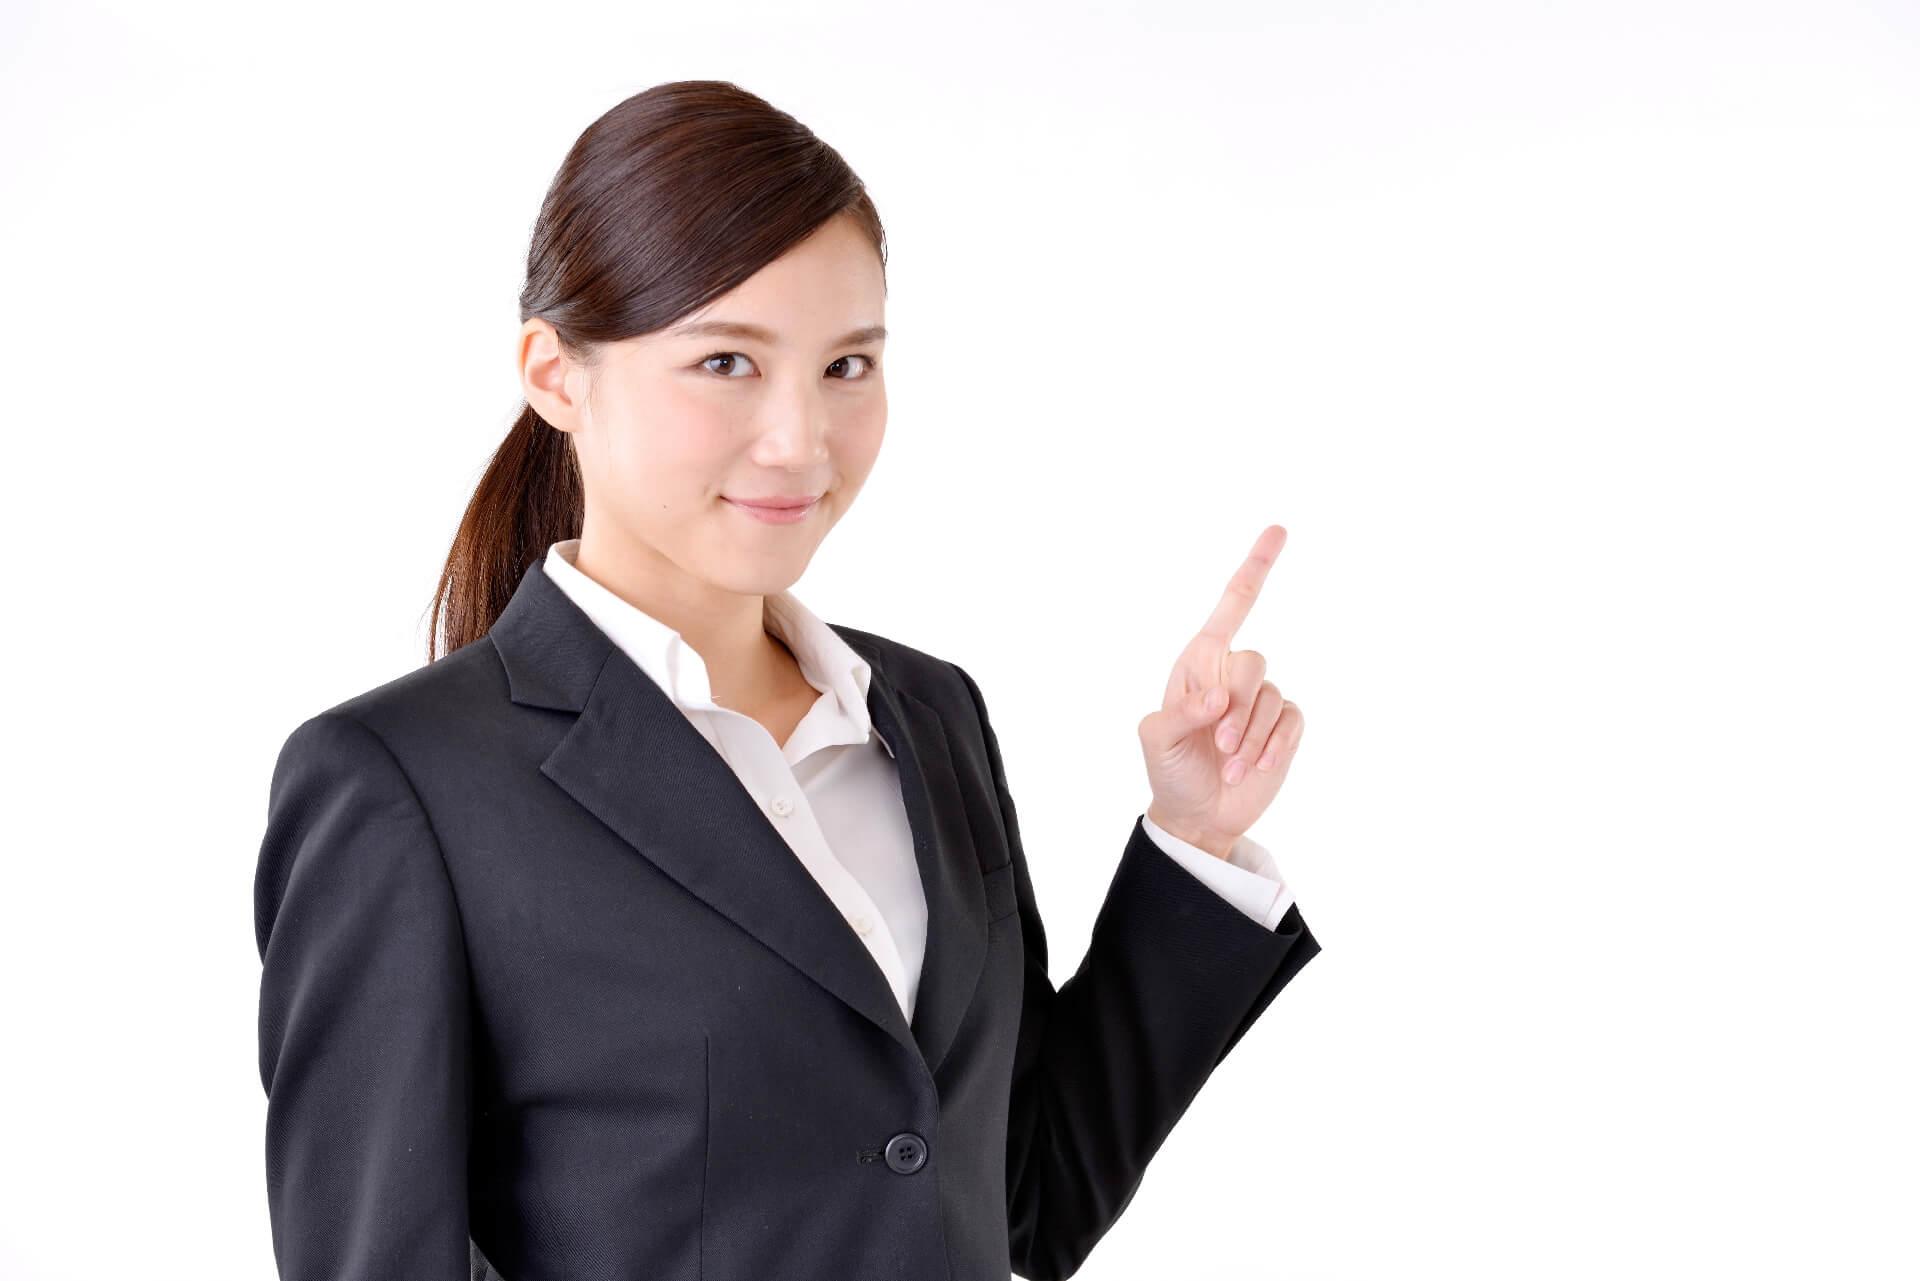 転職を成功させるために転職エージェントの力を借りよう